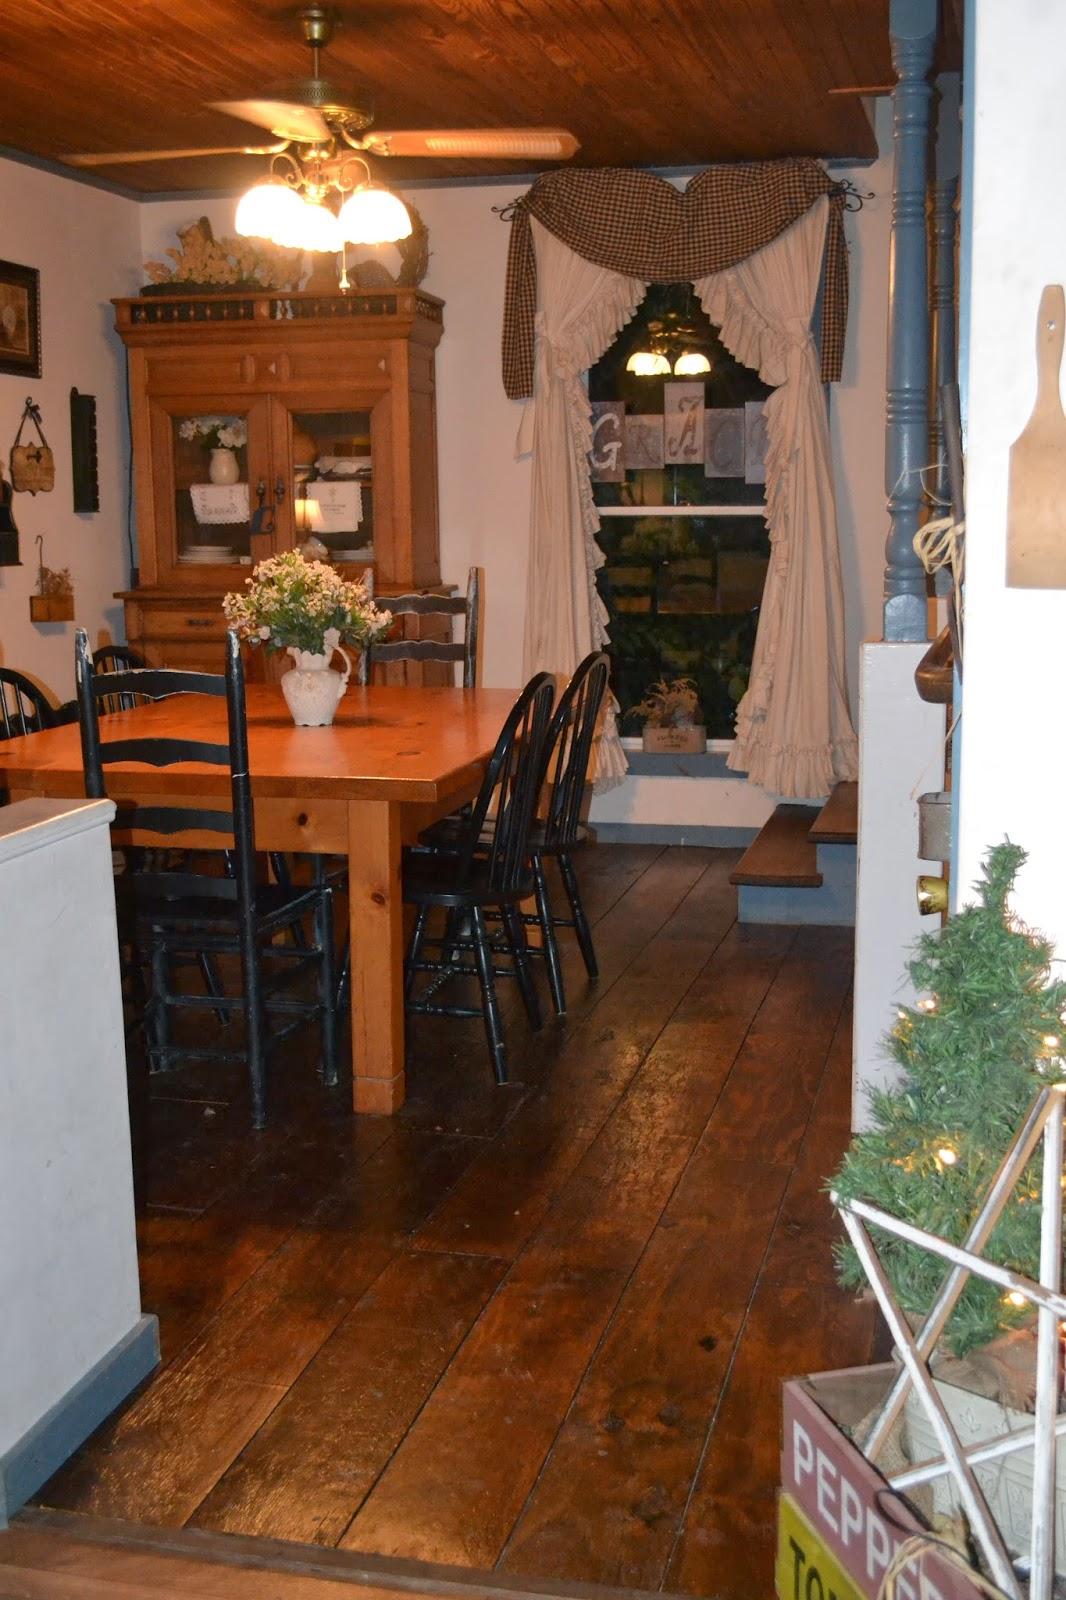 Farm House Flooring : A baker s dozen barnhouse news frugal farmhouse wood